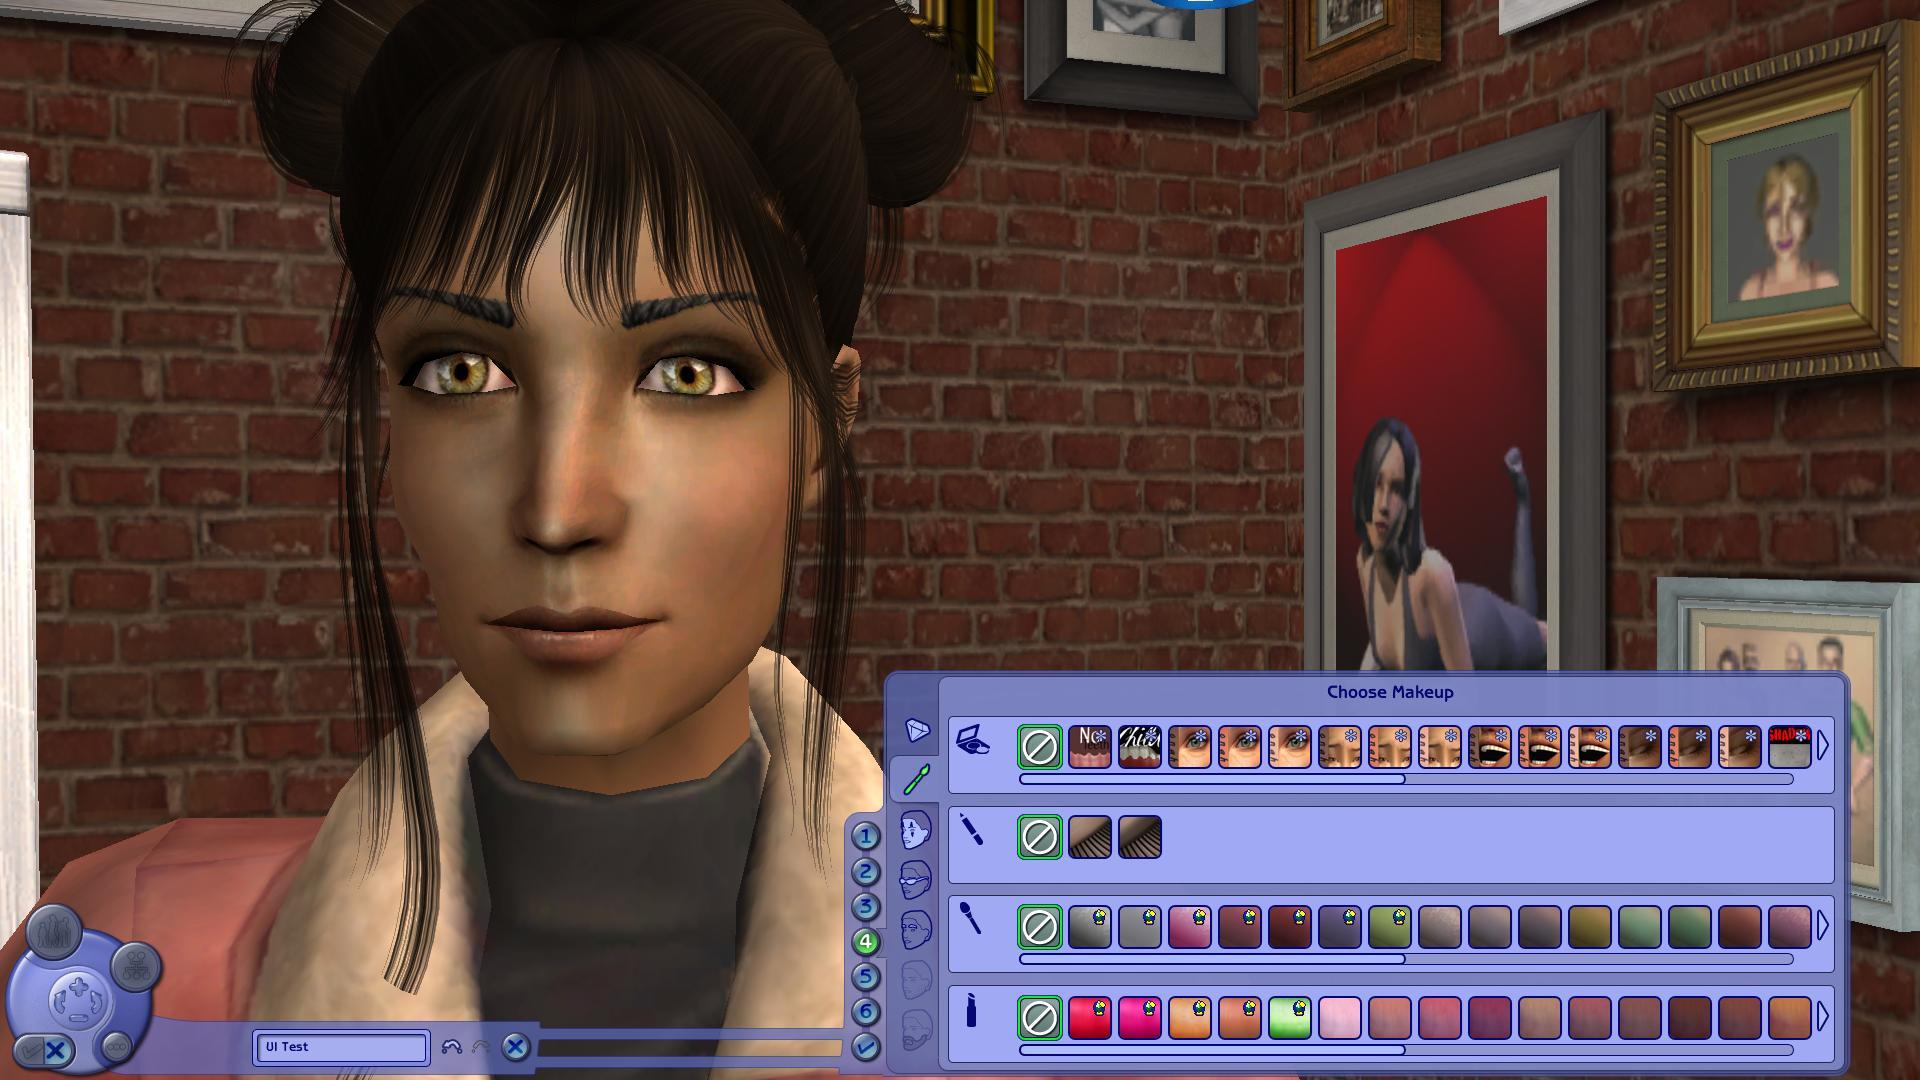 Mod The Sims - Widescreen CAS